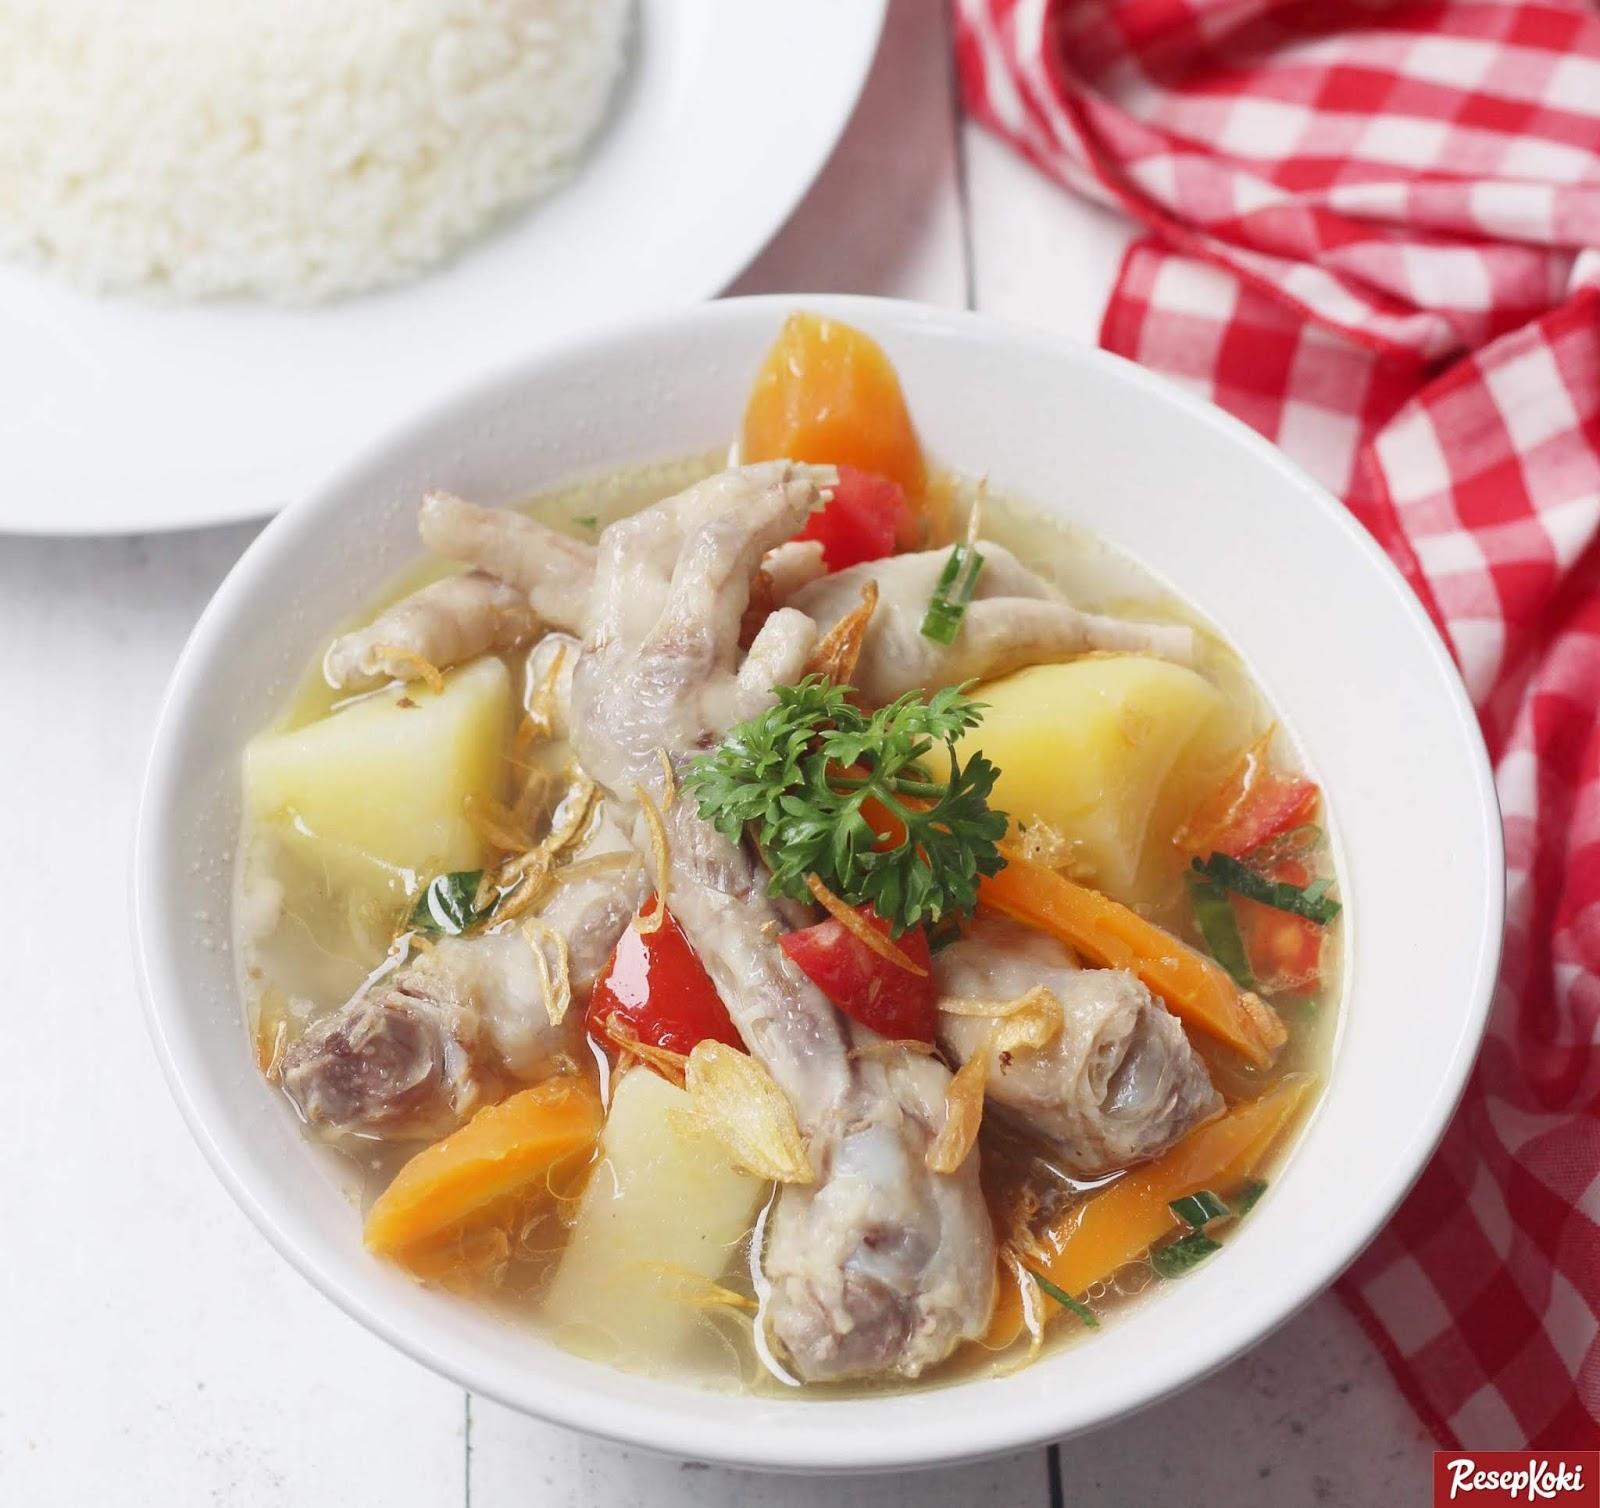 Kandungan Nutrisi, Kalori dan manfaat ceker Ayam bagi kesehatan